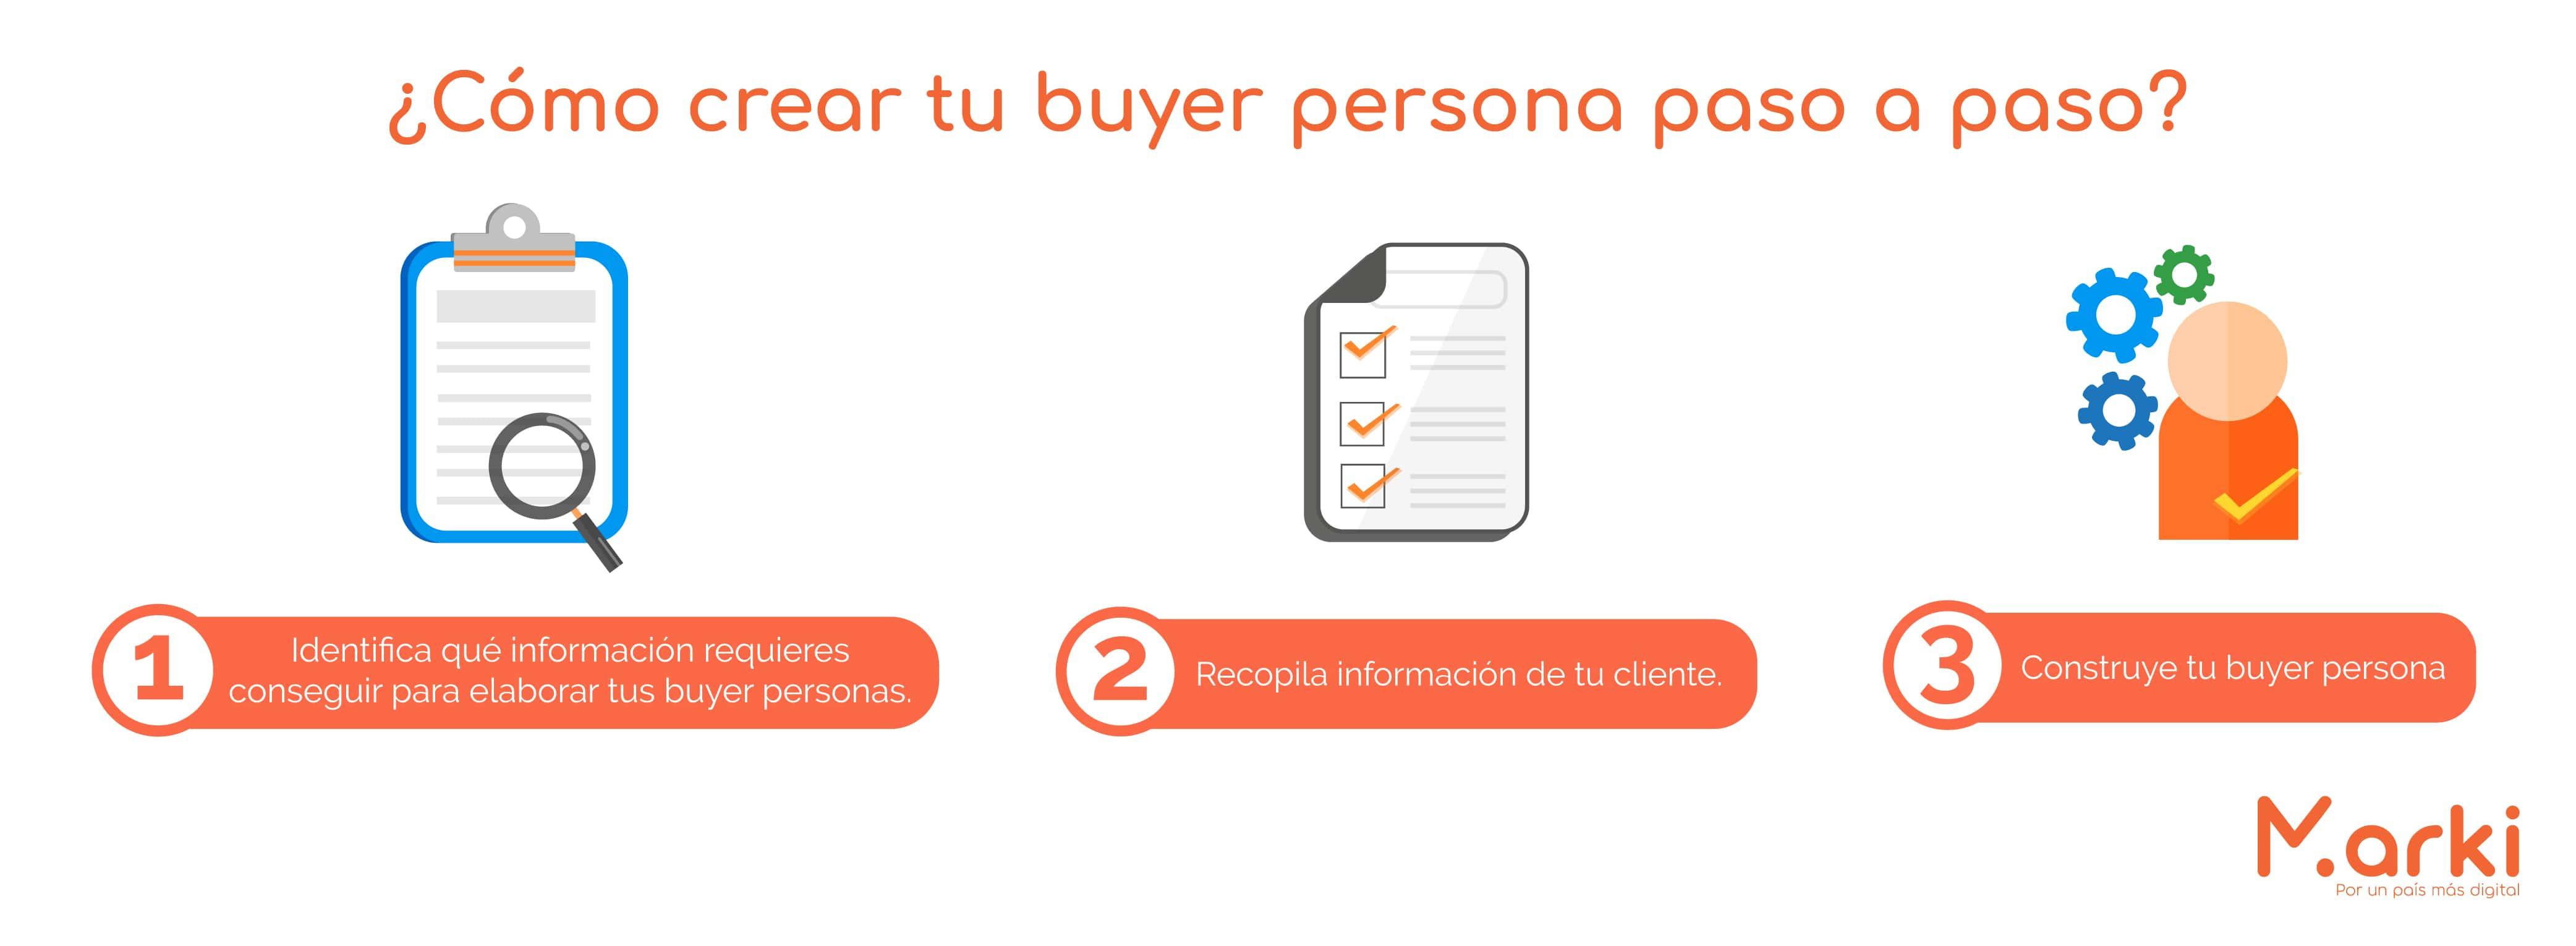 ¿cómo crear tu buyer persona paso a paso? como crear tu buyer persona ejemplos de buyer persona plantilla buyer persona ejemplos